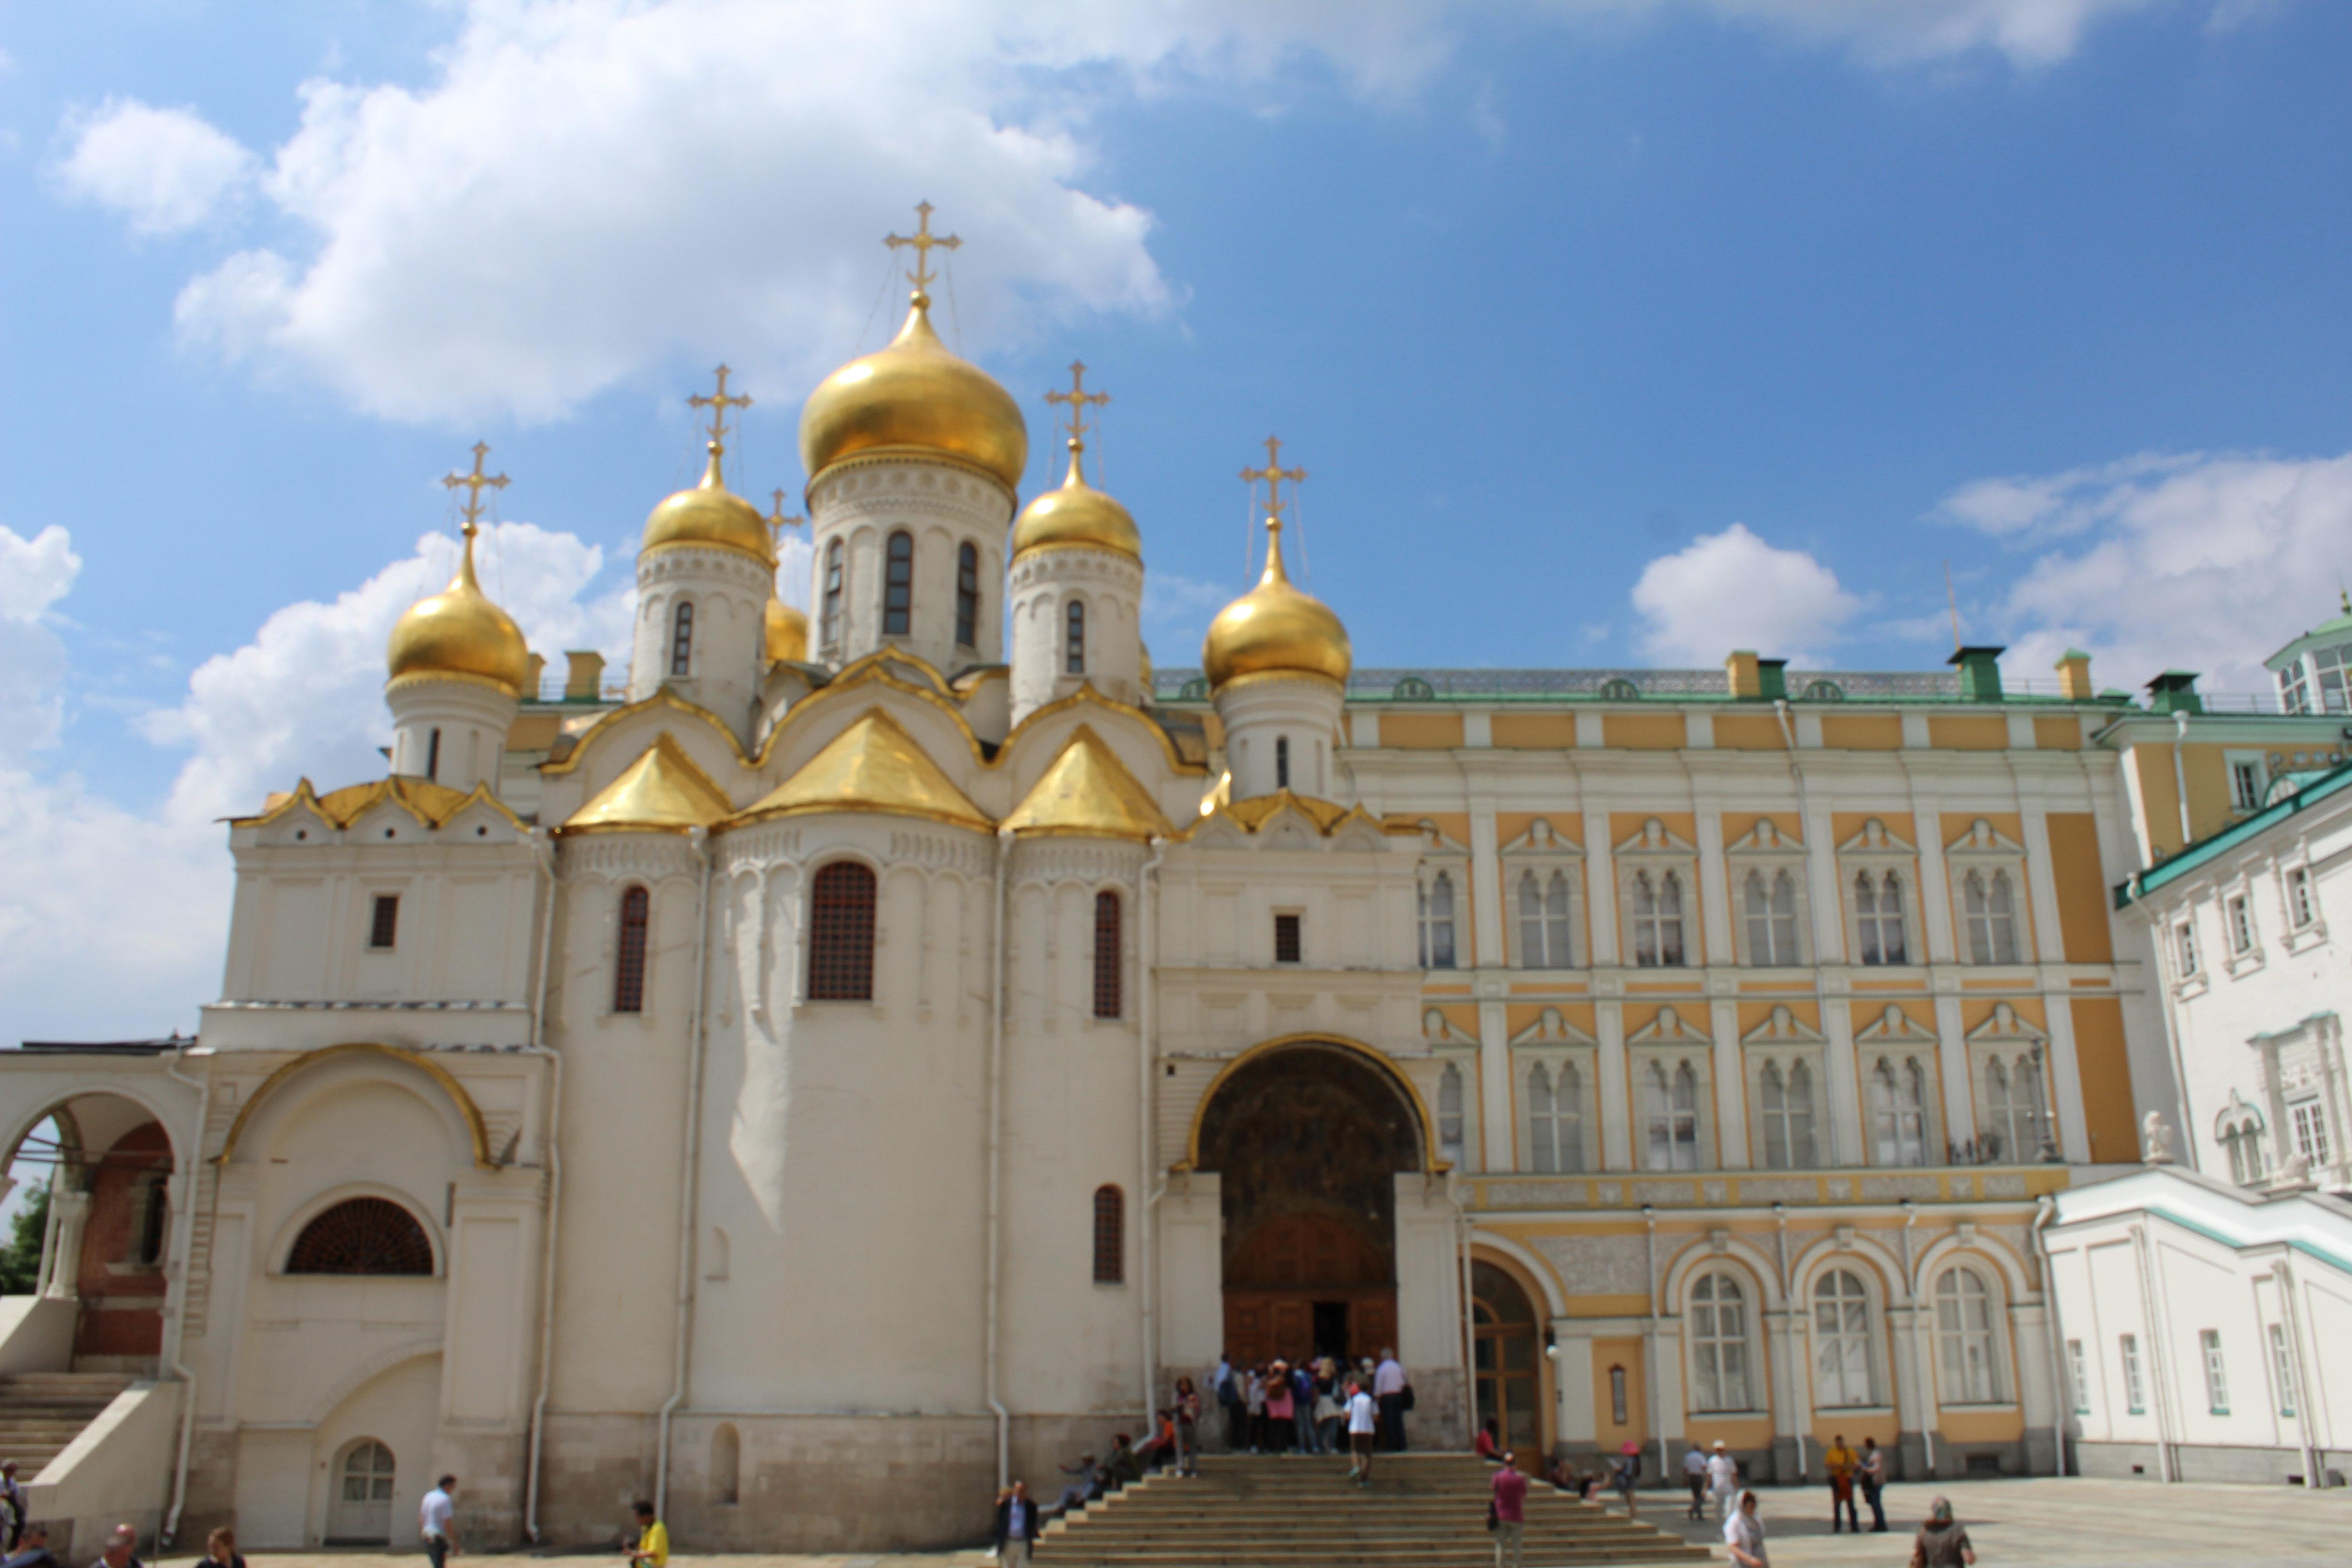 4个银顶的是战神大教堂, 克里姆林宫图片